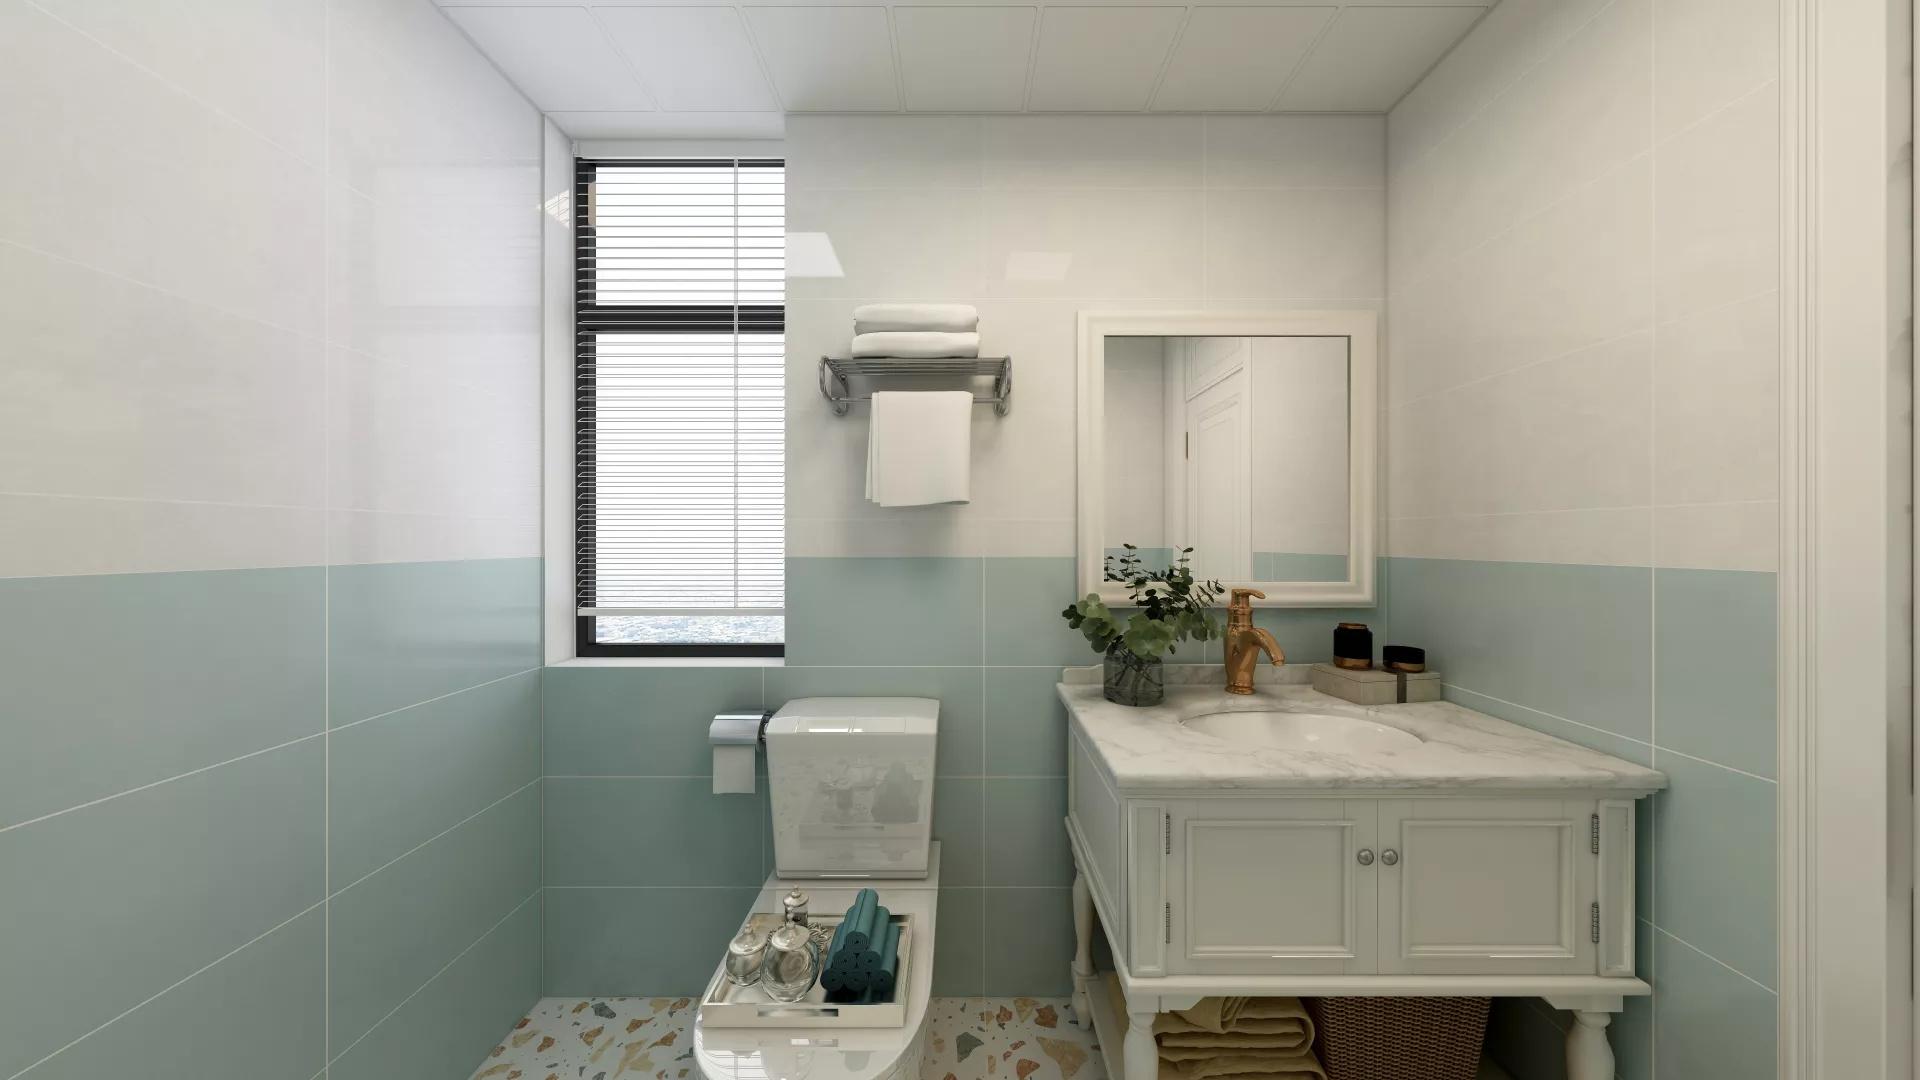 室内照明节能怎么做 家居生活照明节能技巧